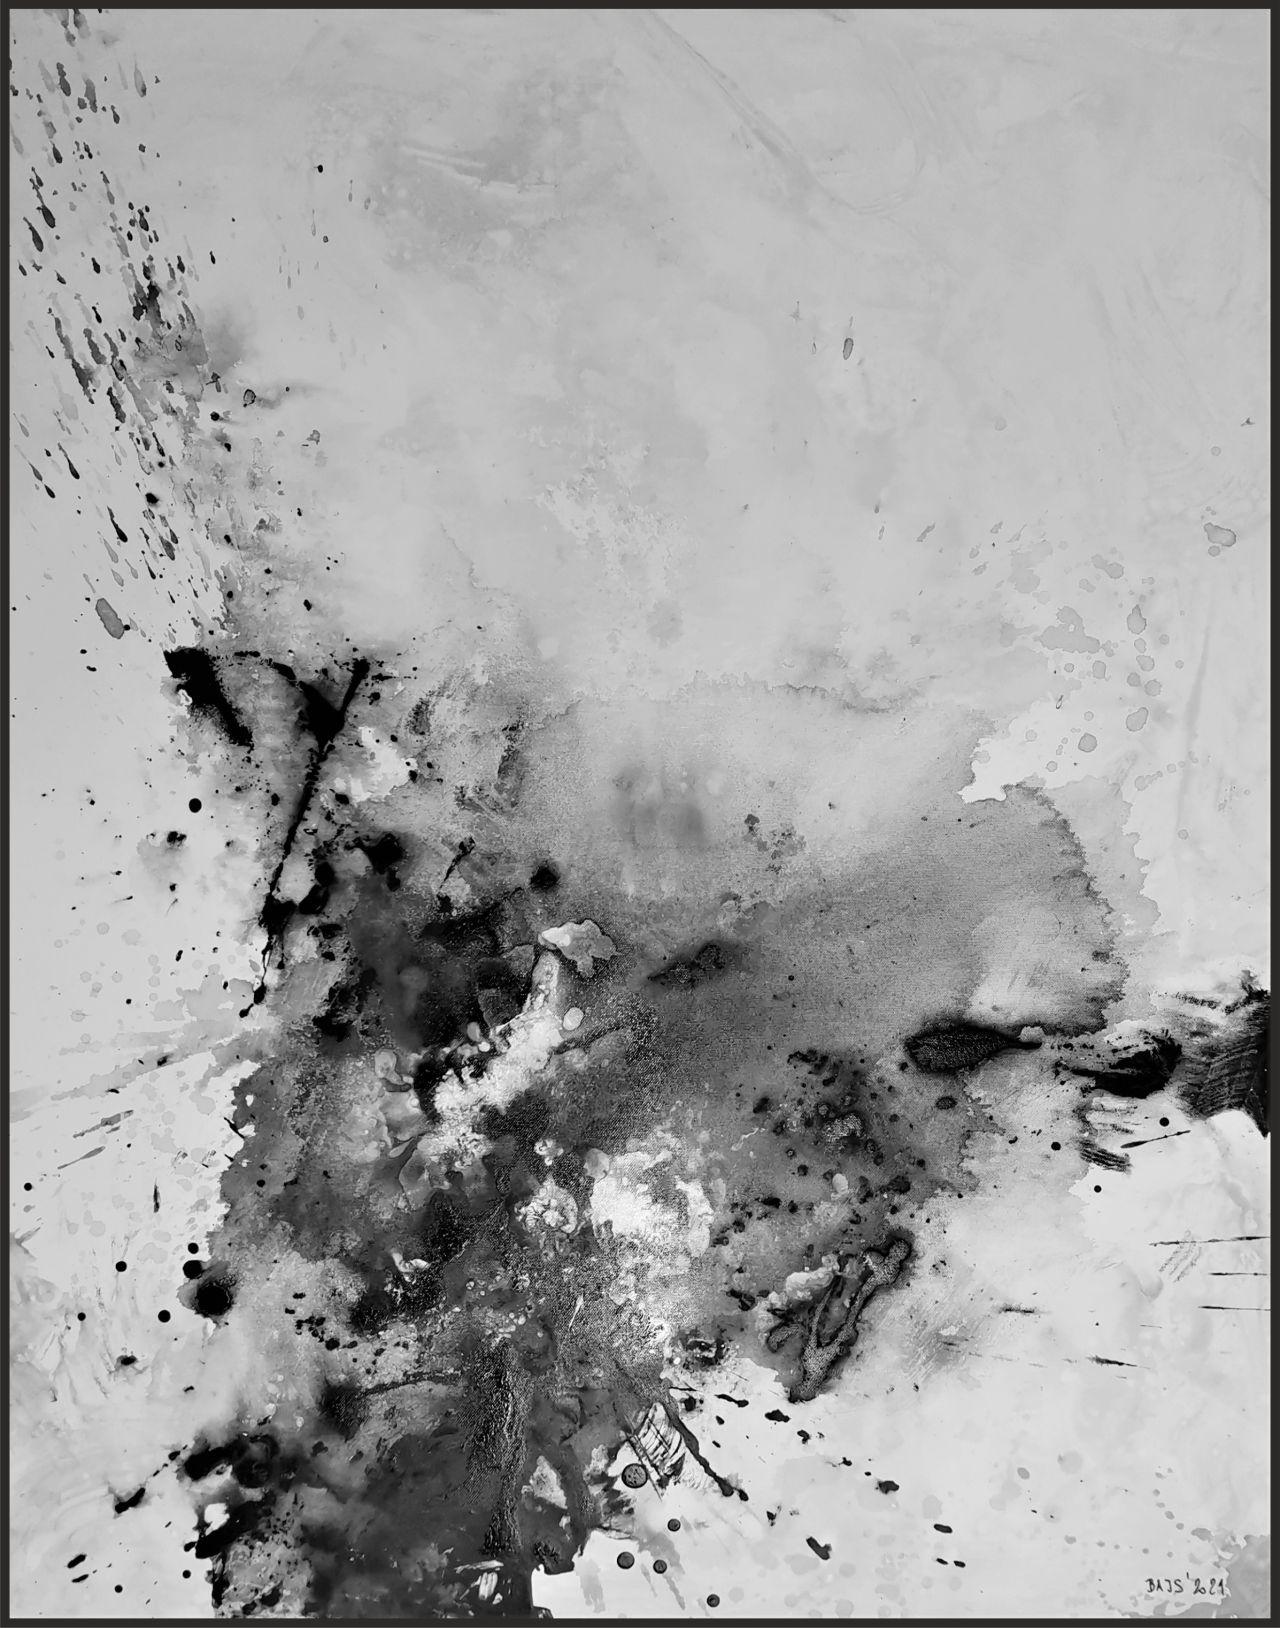 Abstraktní ručně malovaný obraz na plátně, vesmírní mlhovina, bíla modrá fialová